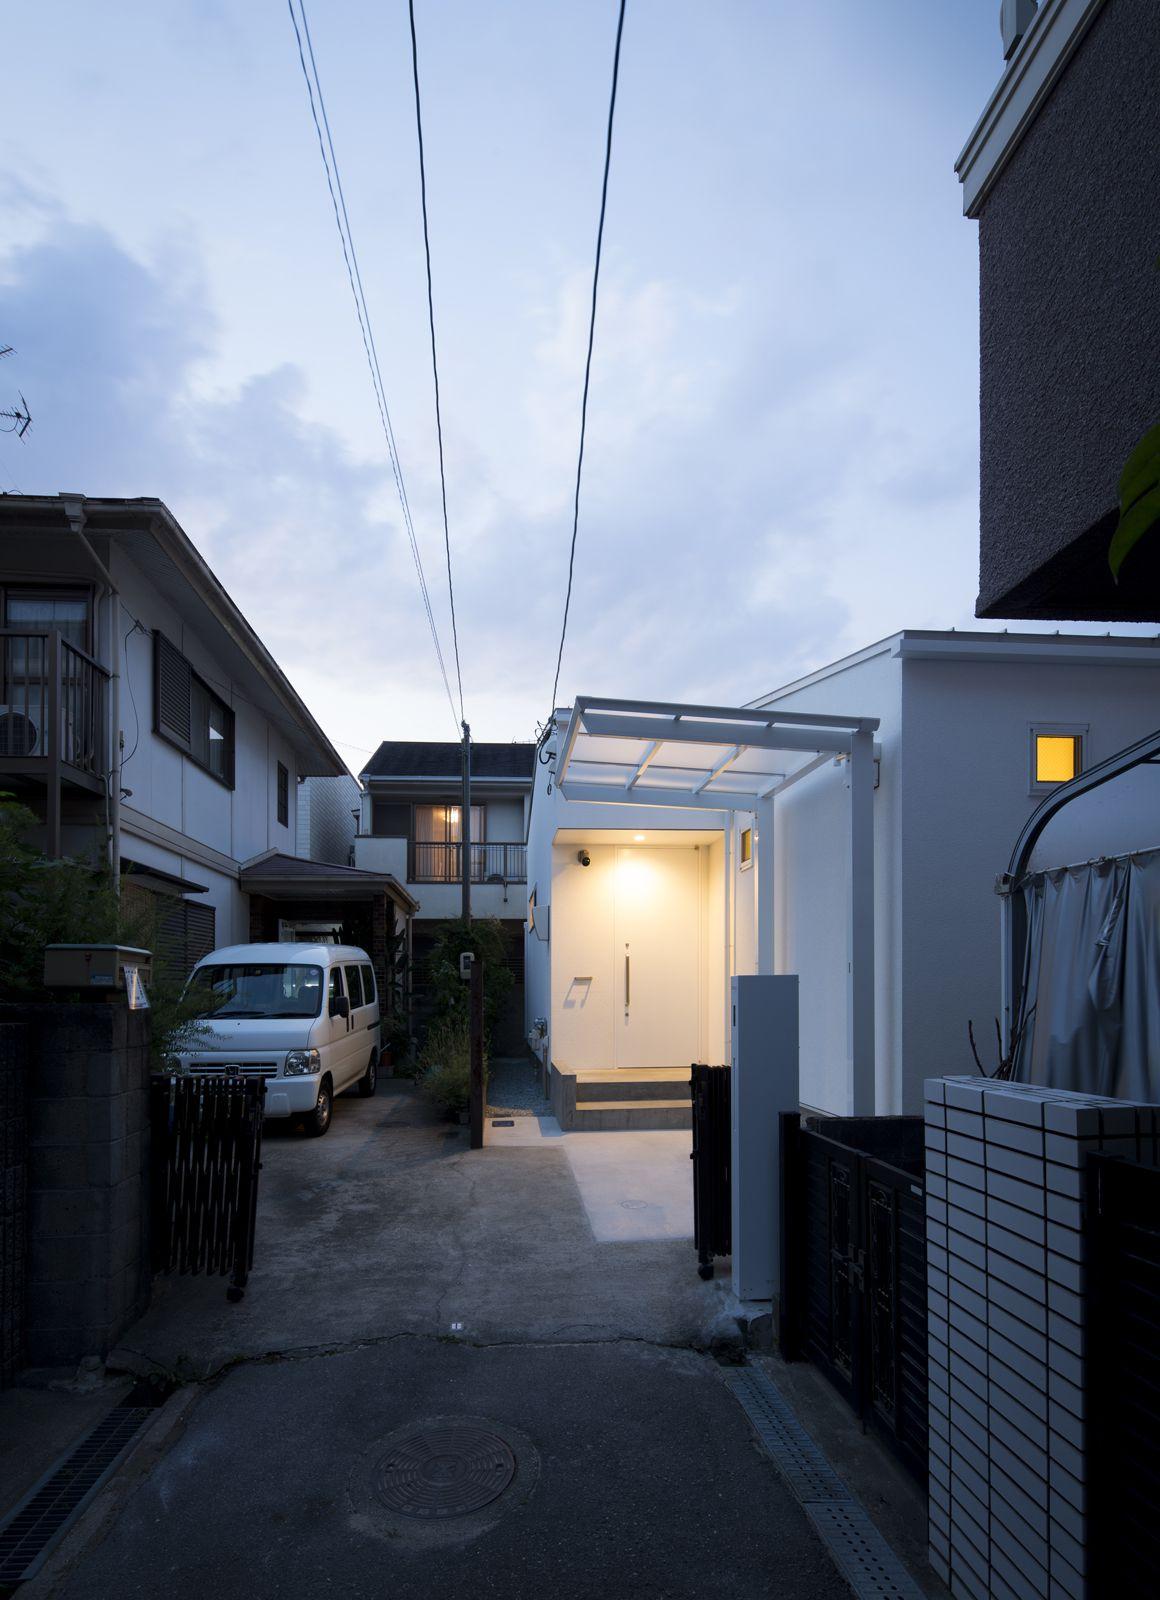 スカンジナビアンコートハウスの夕景(外部)2